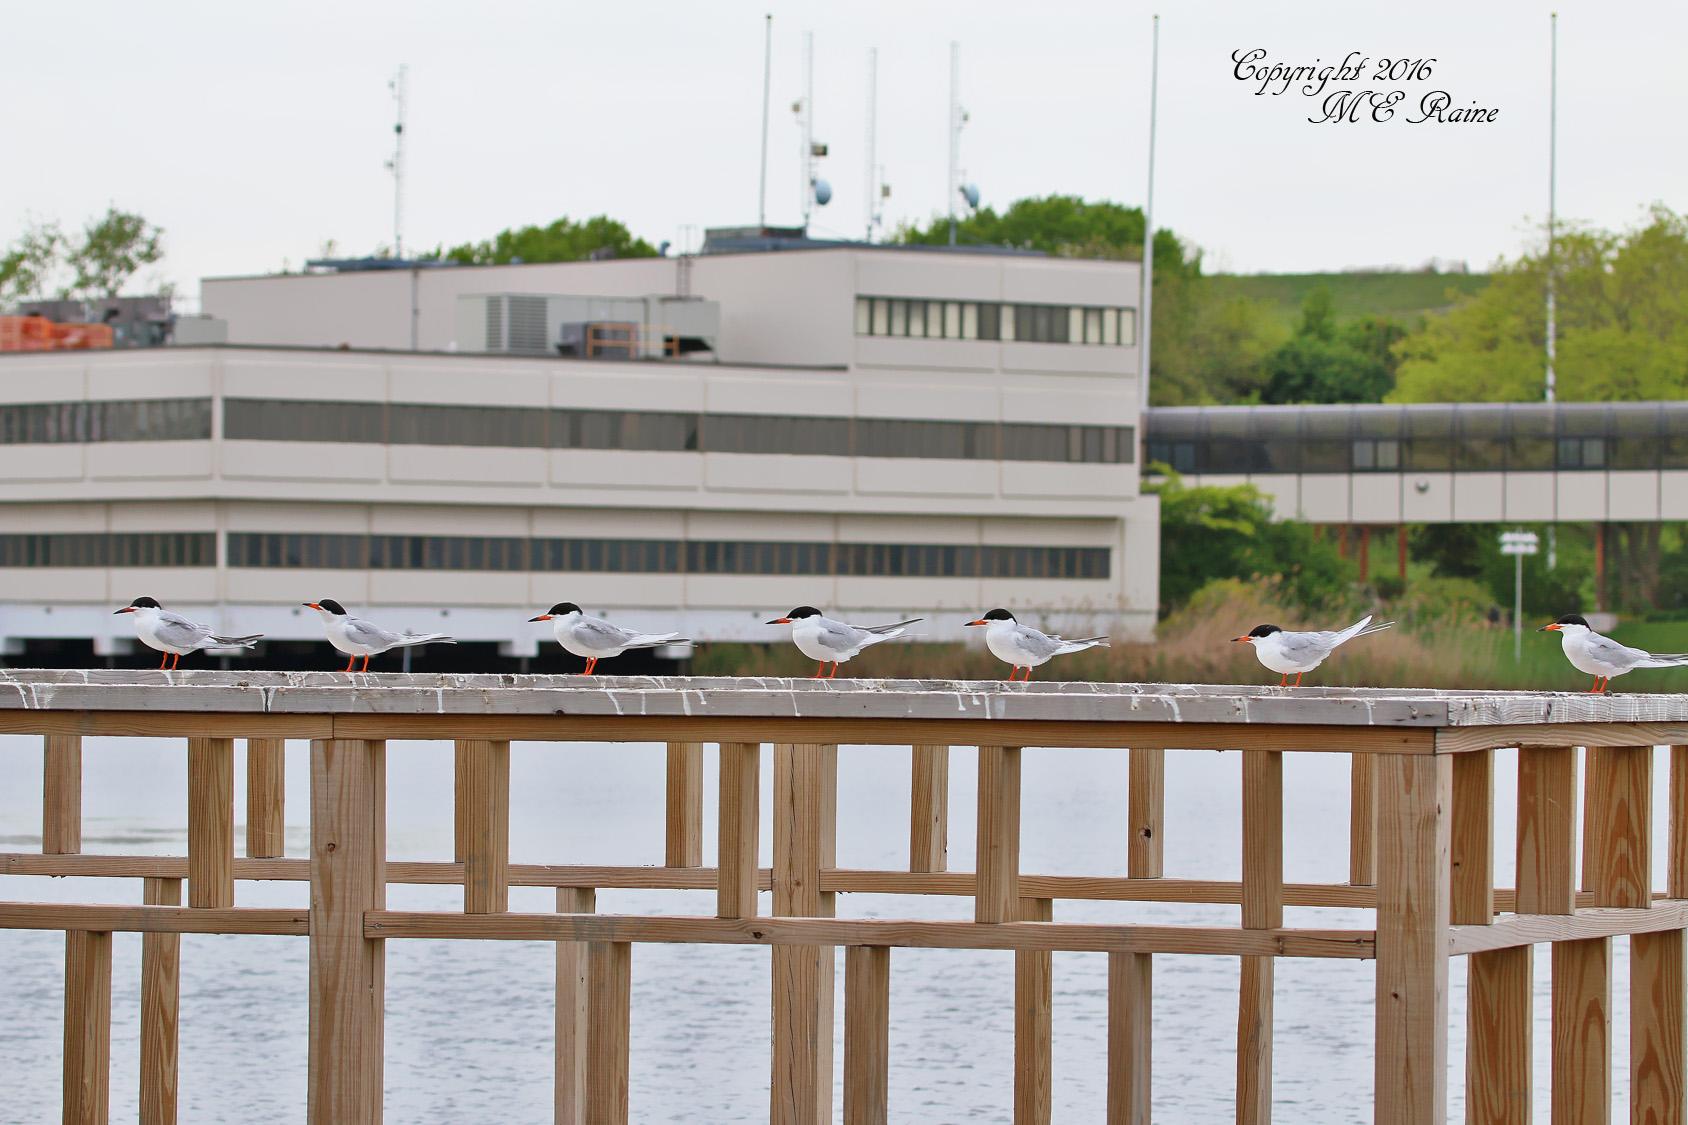 Tern Forster's 016bf RchrdDKorte Park Mdwlnds NJ 051016 OK FLICKR